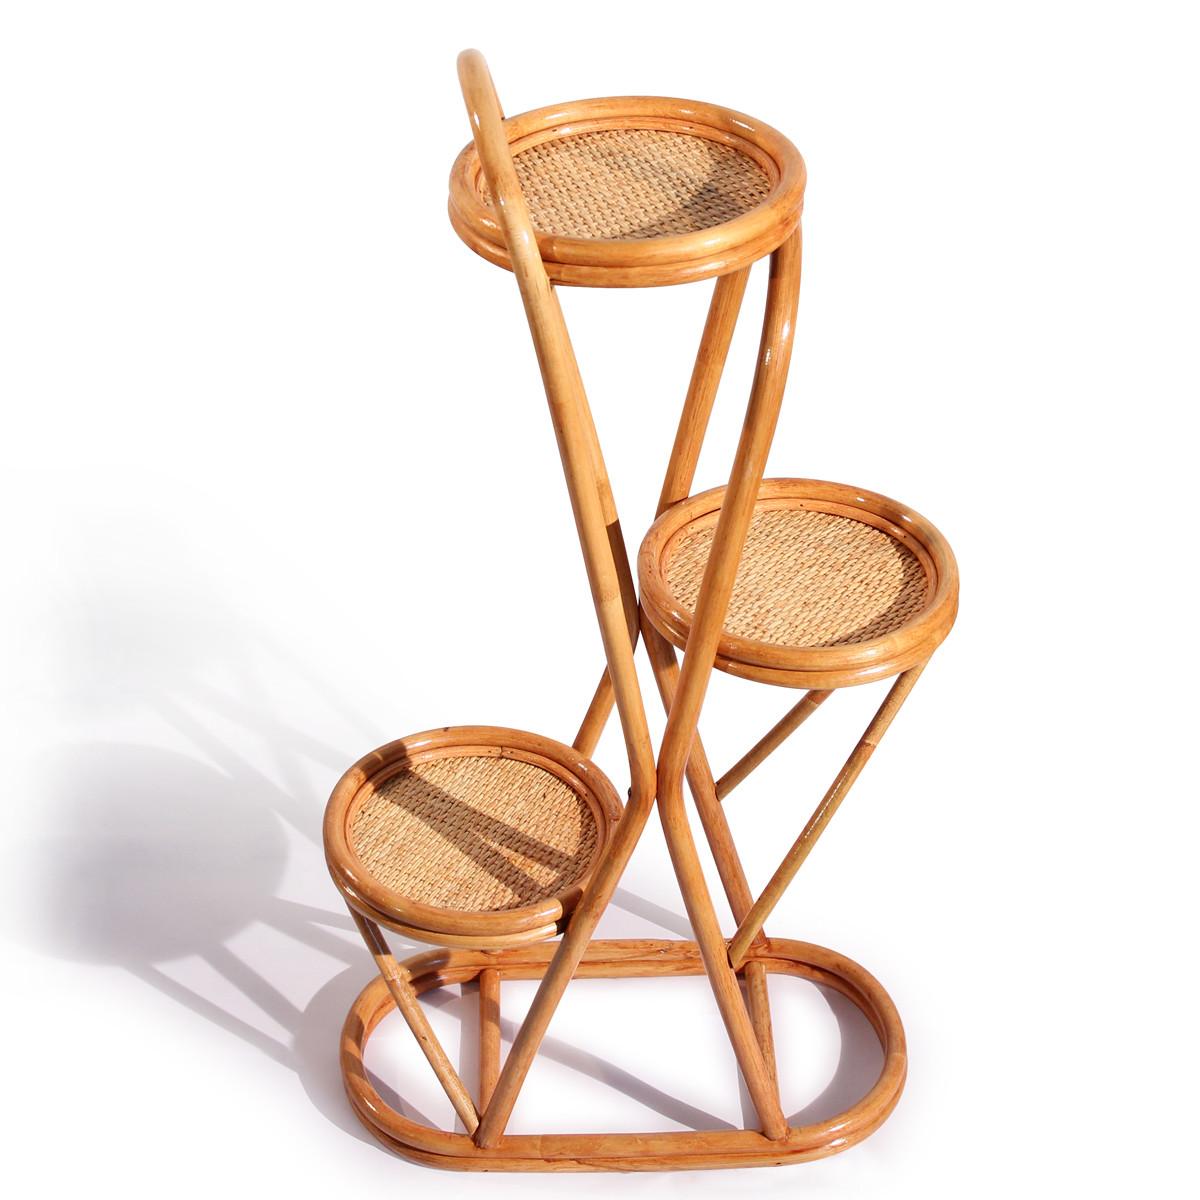 藤爵家具 缠接植物藤竹藤工艺曲木结构储藏艺术现代中式 花架